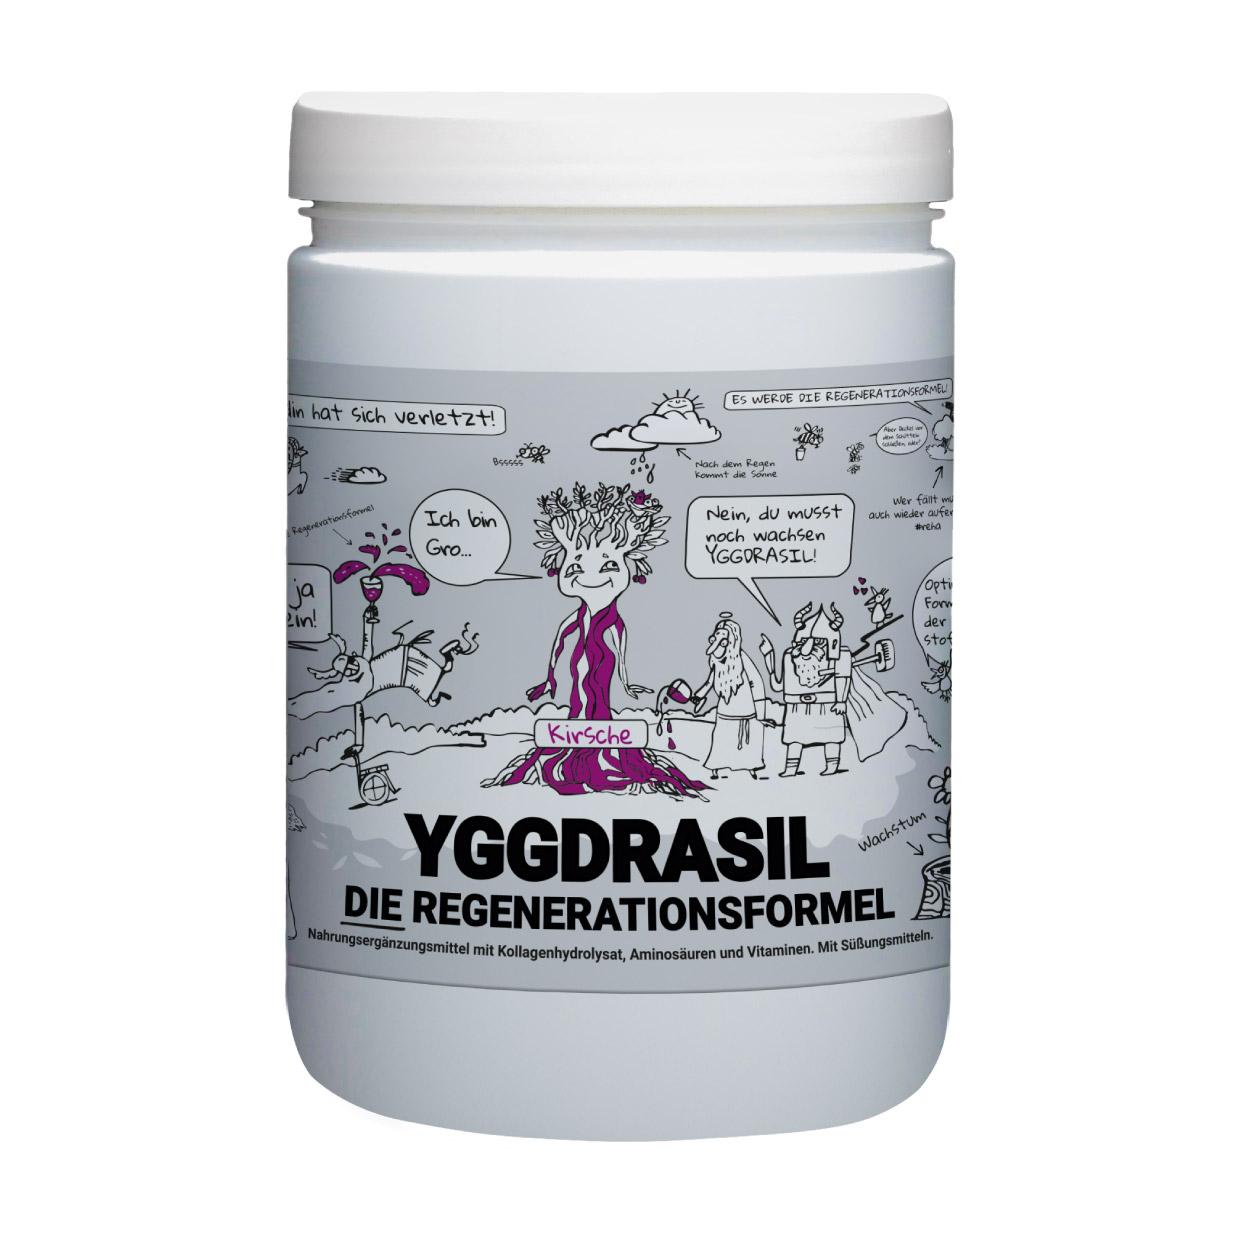 Yggdrasil-DIE-Regenerationsformel-von-Götterspeise-Nahrungsergänzungsmittel-bei-Verletzungen